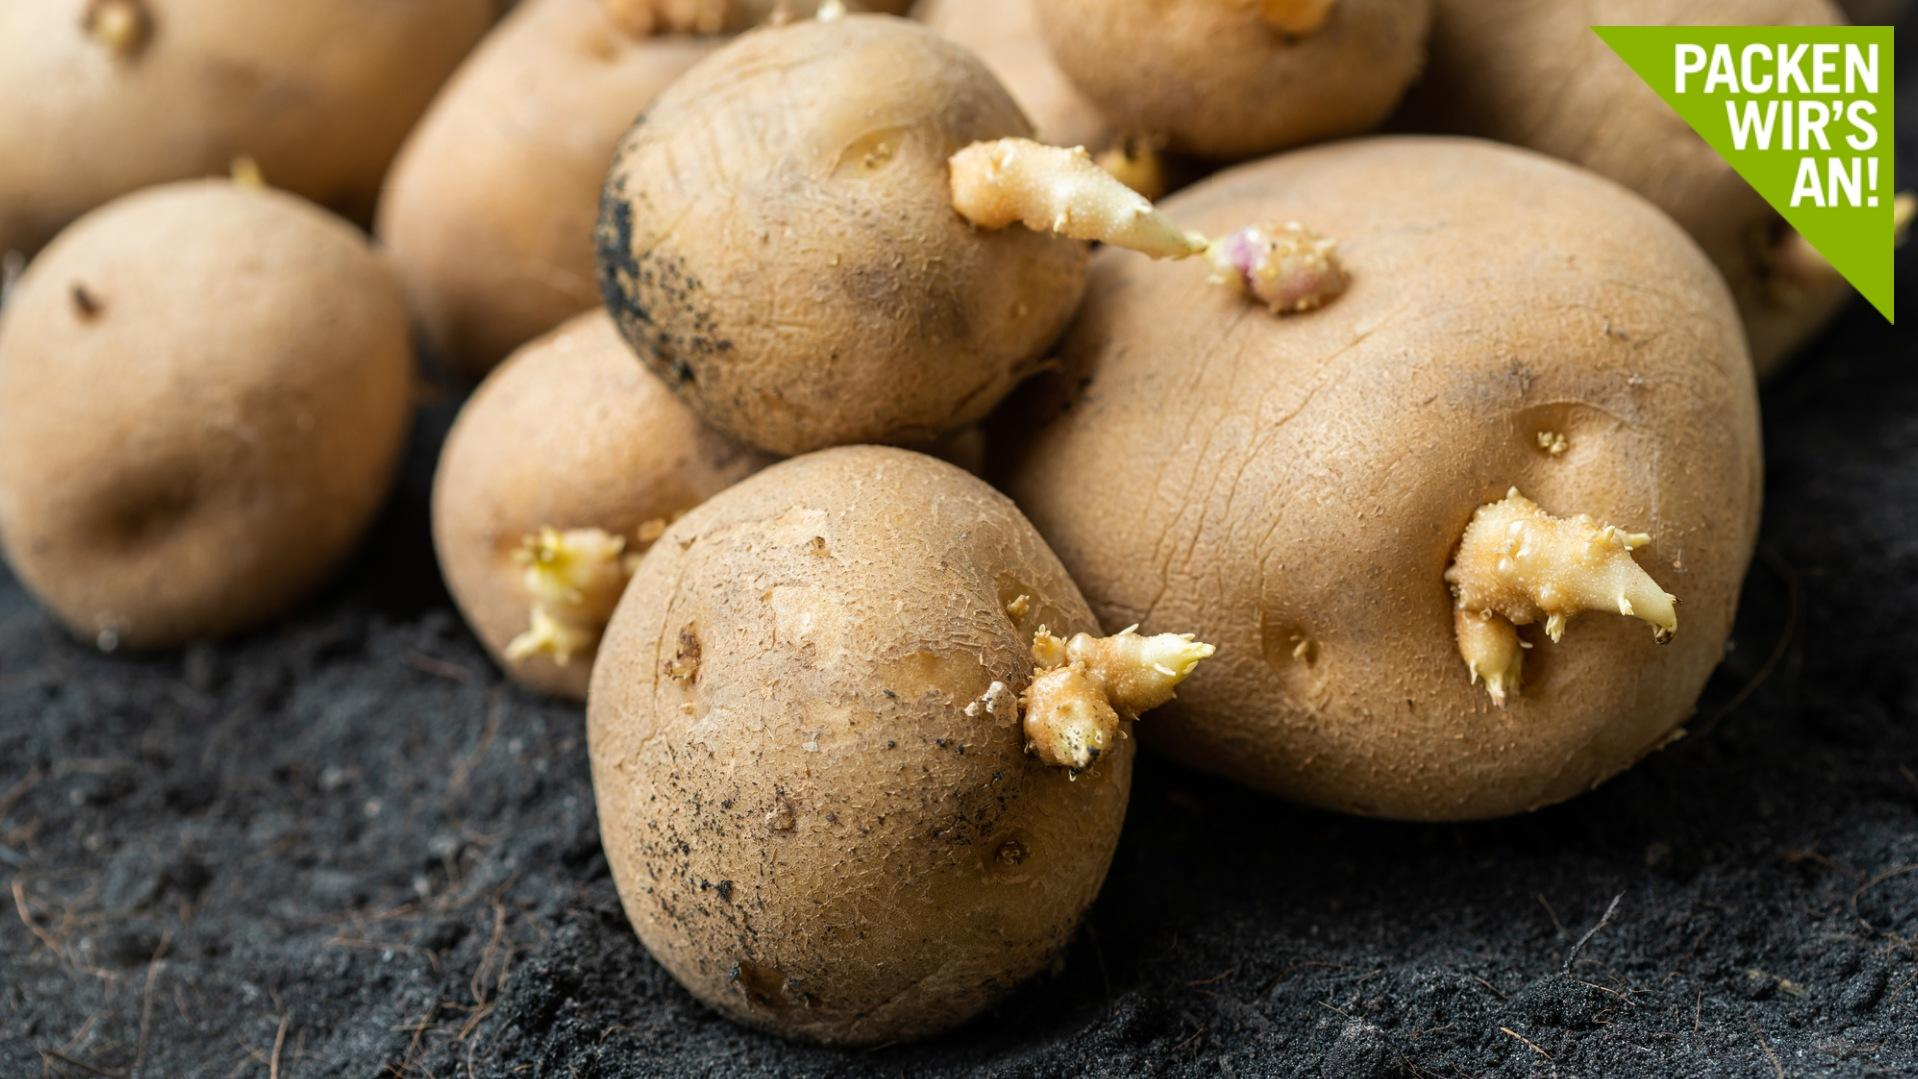 Kann man keimende Kartoffeln noch essen?